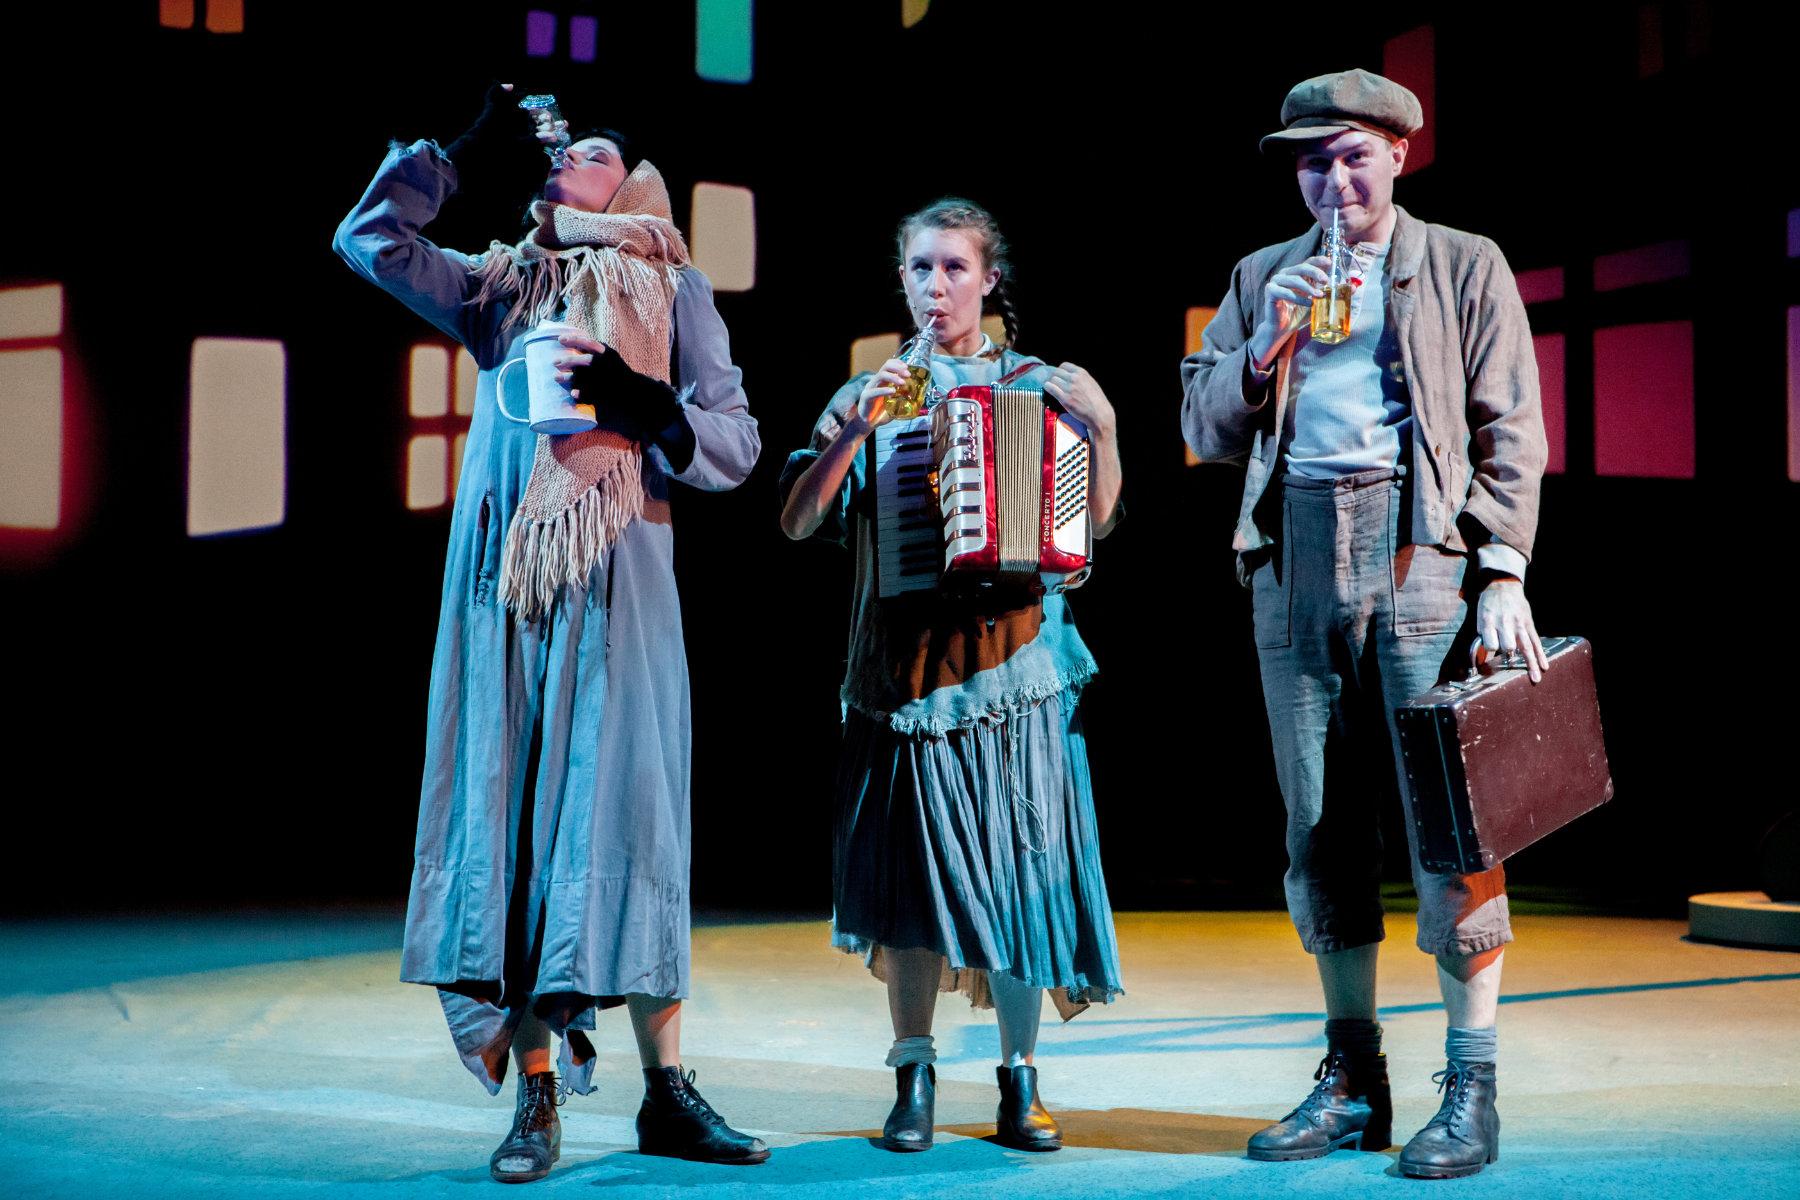 2015 // Bühnenbild und Kostüme für Pünktchen und Anton / Kästner / Regie: Thomas Hollaender / Theater Münster